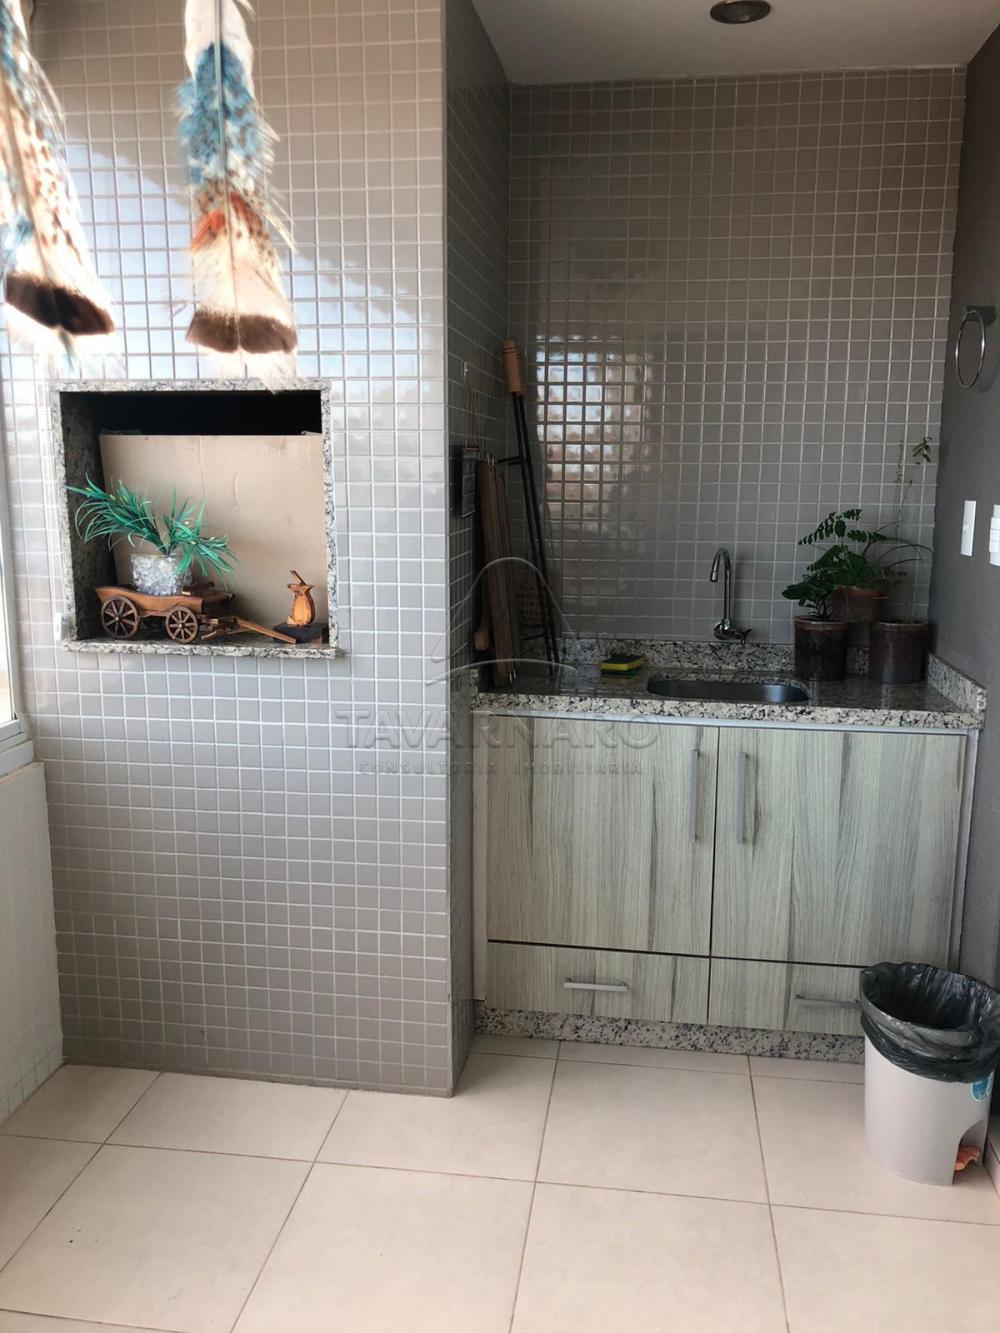 Comprar Apartamento / Padrão em Ponta Grossa R$ 610.000,00 - Foto 9